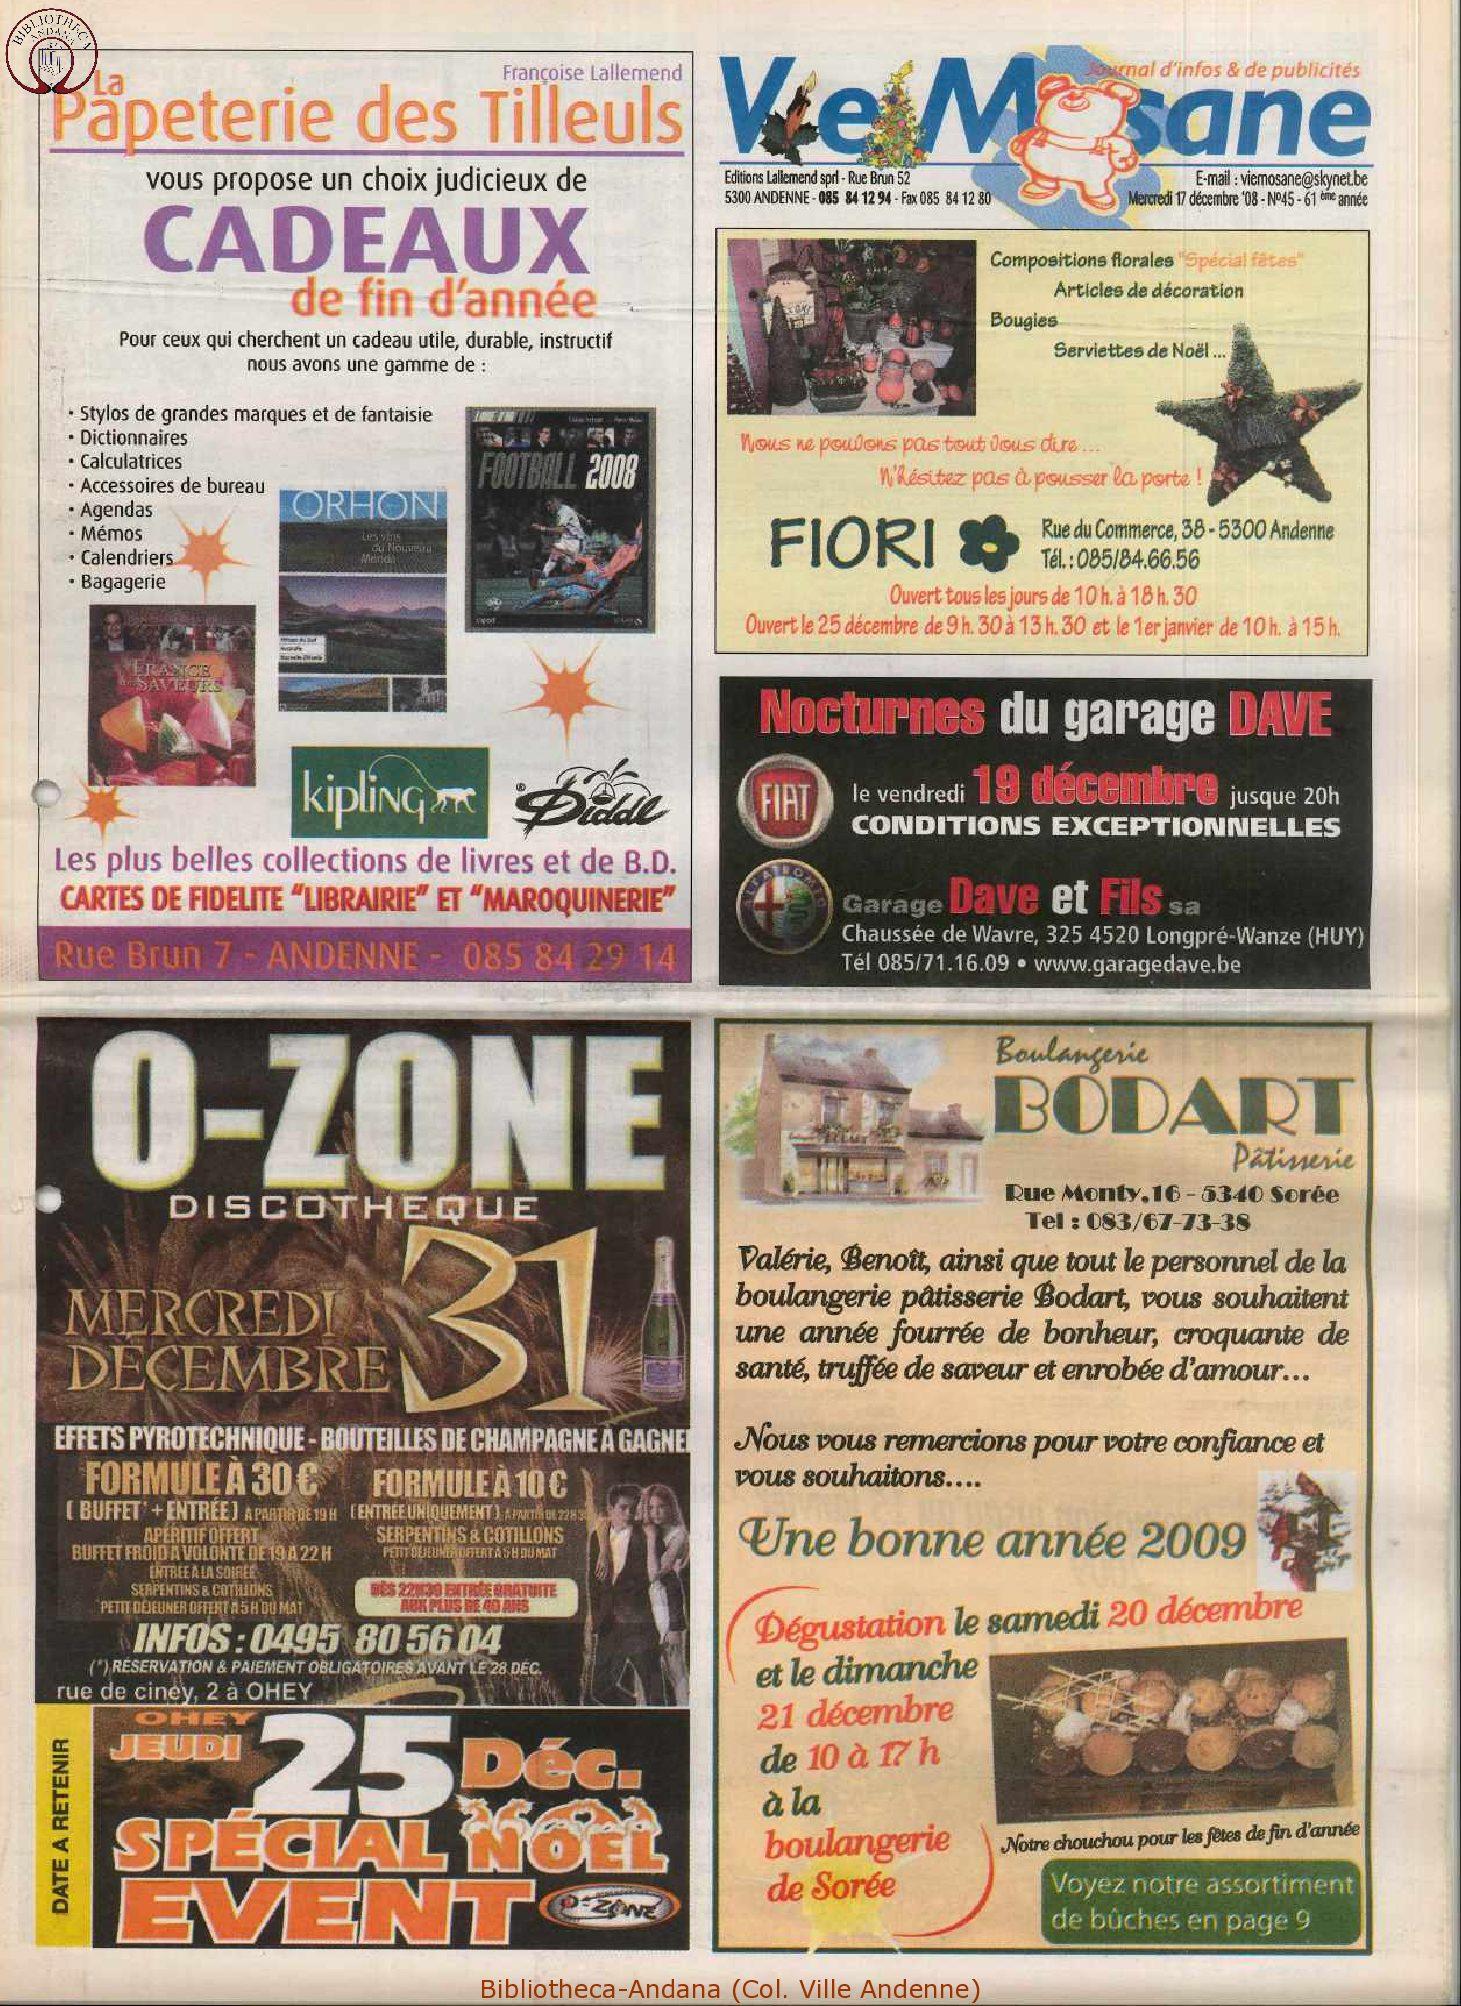 61e année - n°45 - 17 décembre 2008